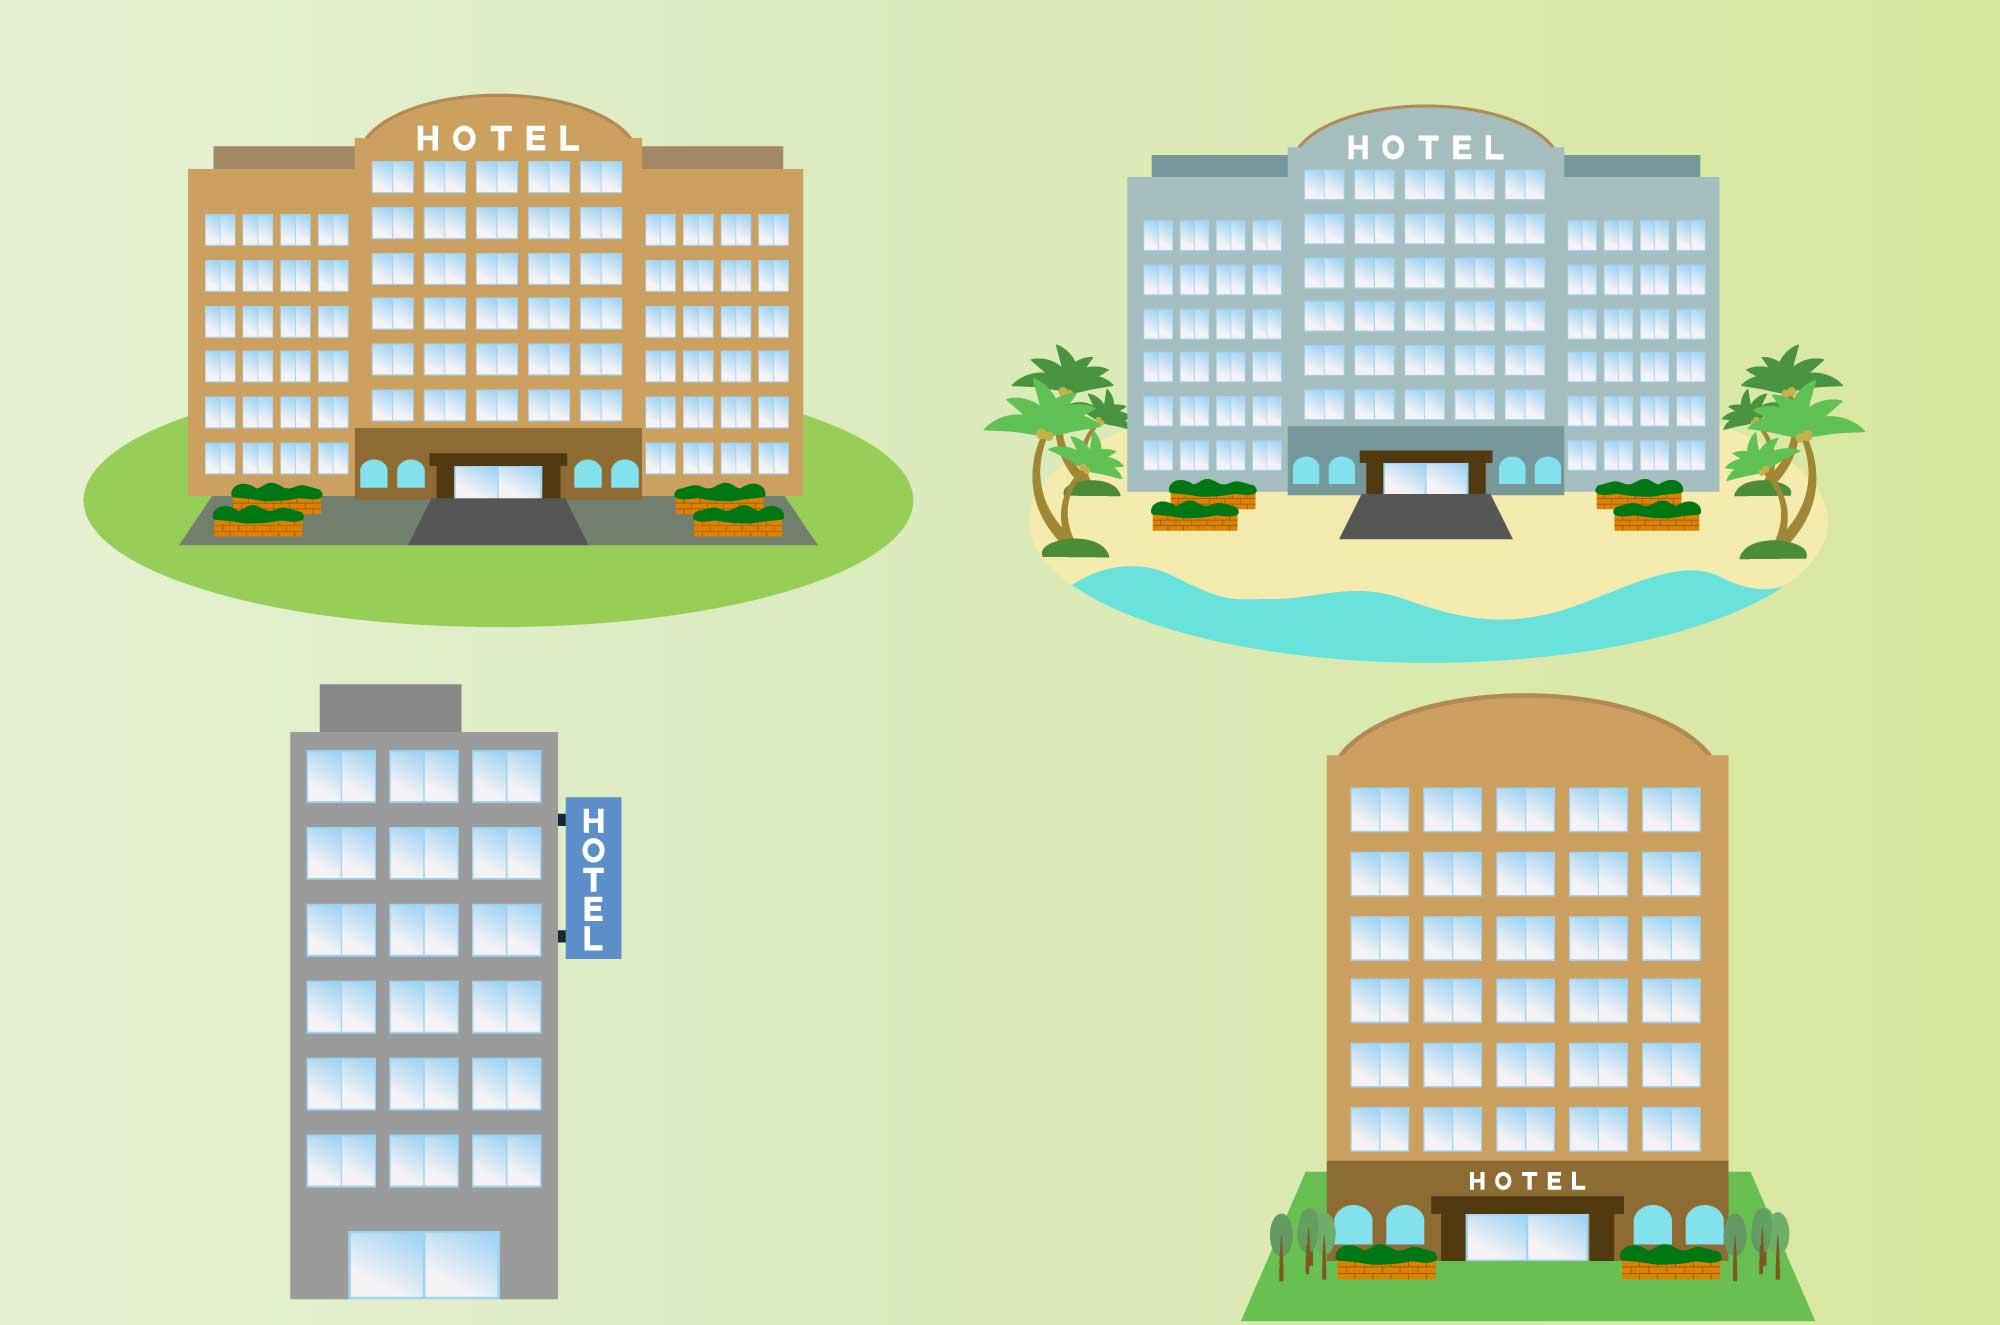 ホテルの無料イラスト , リゾート・ビジネス建物素材 , チコデザ